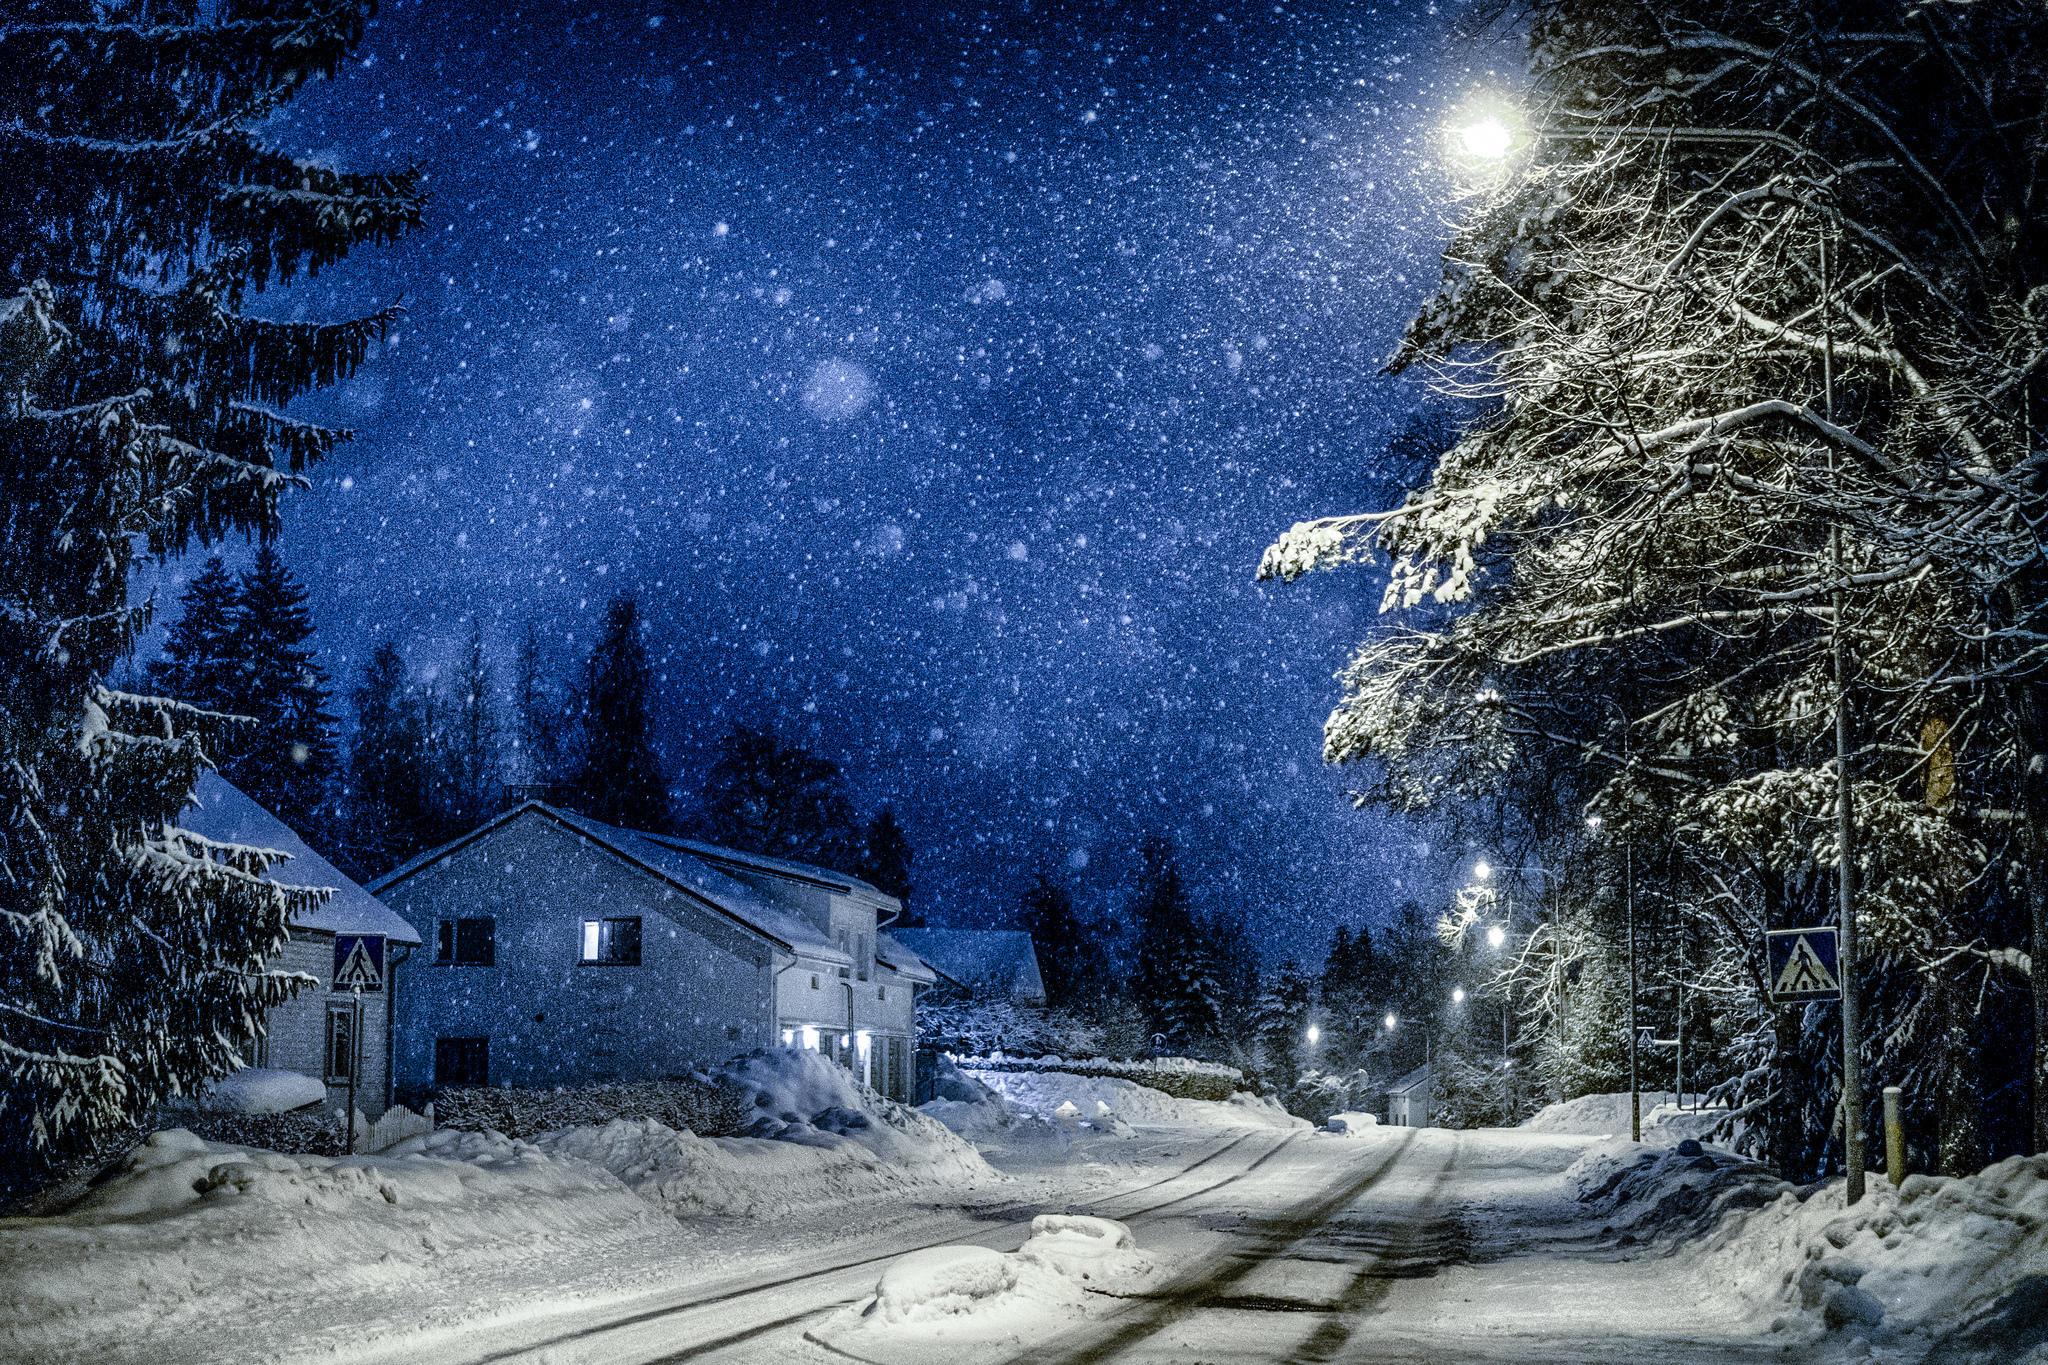 четверть красивые фото ночной зимы помещений штукатуркой